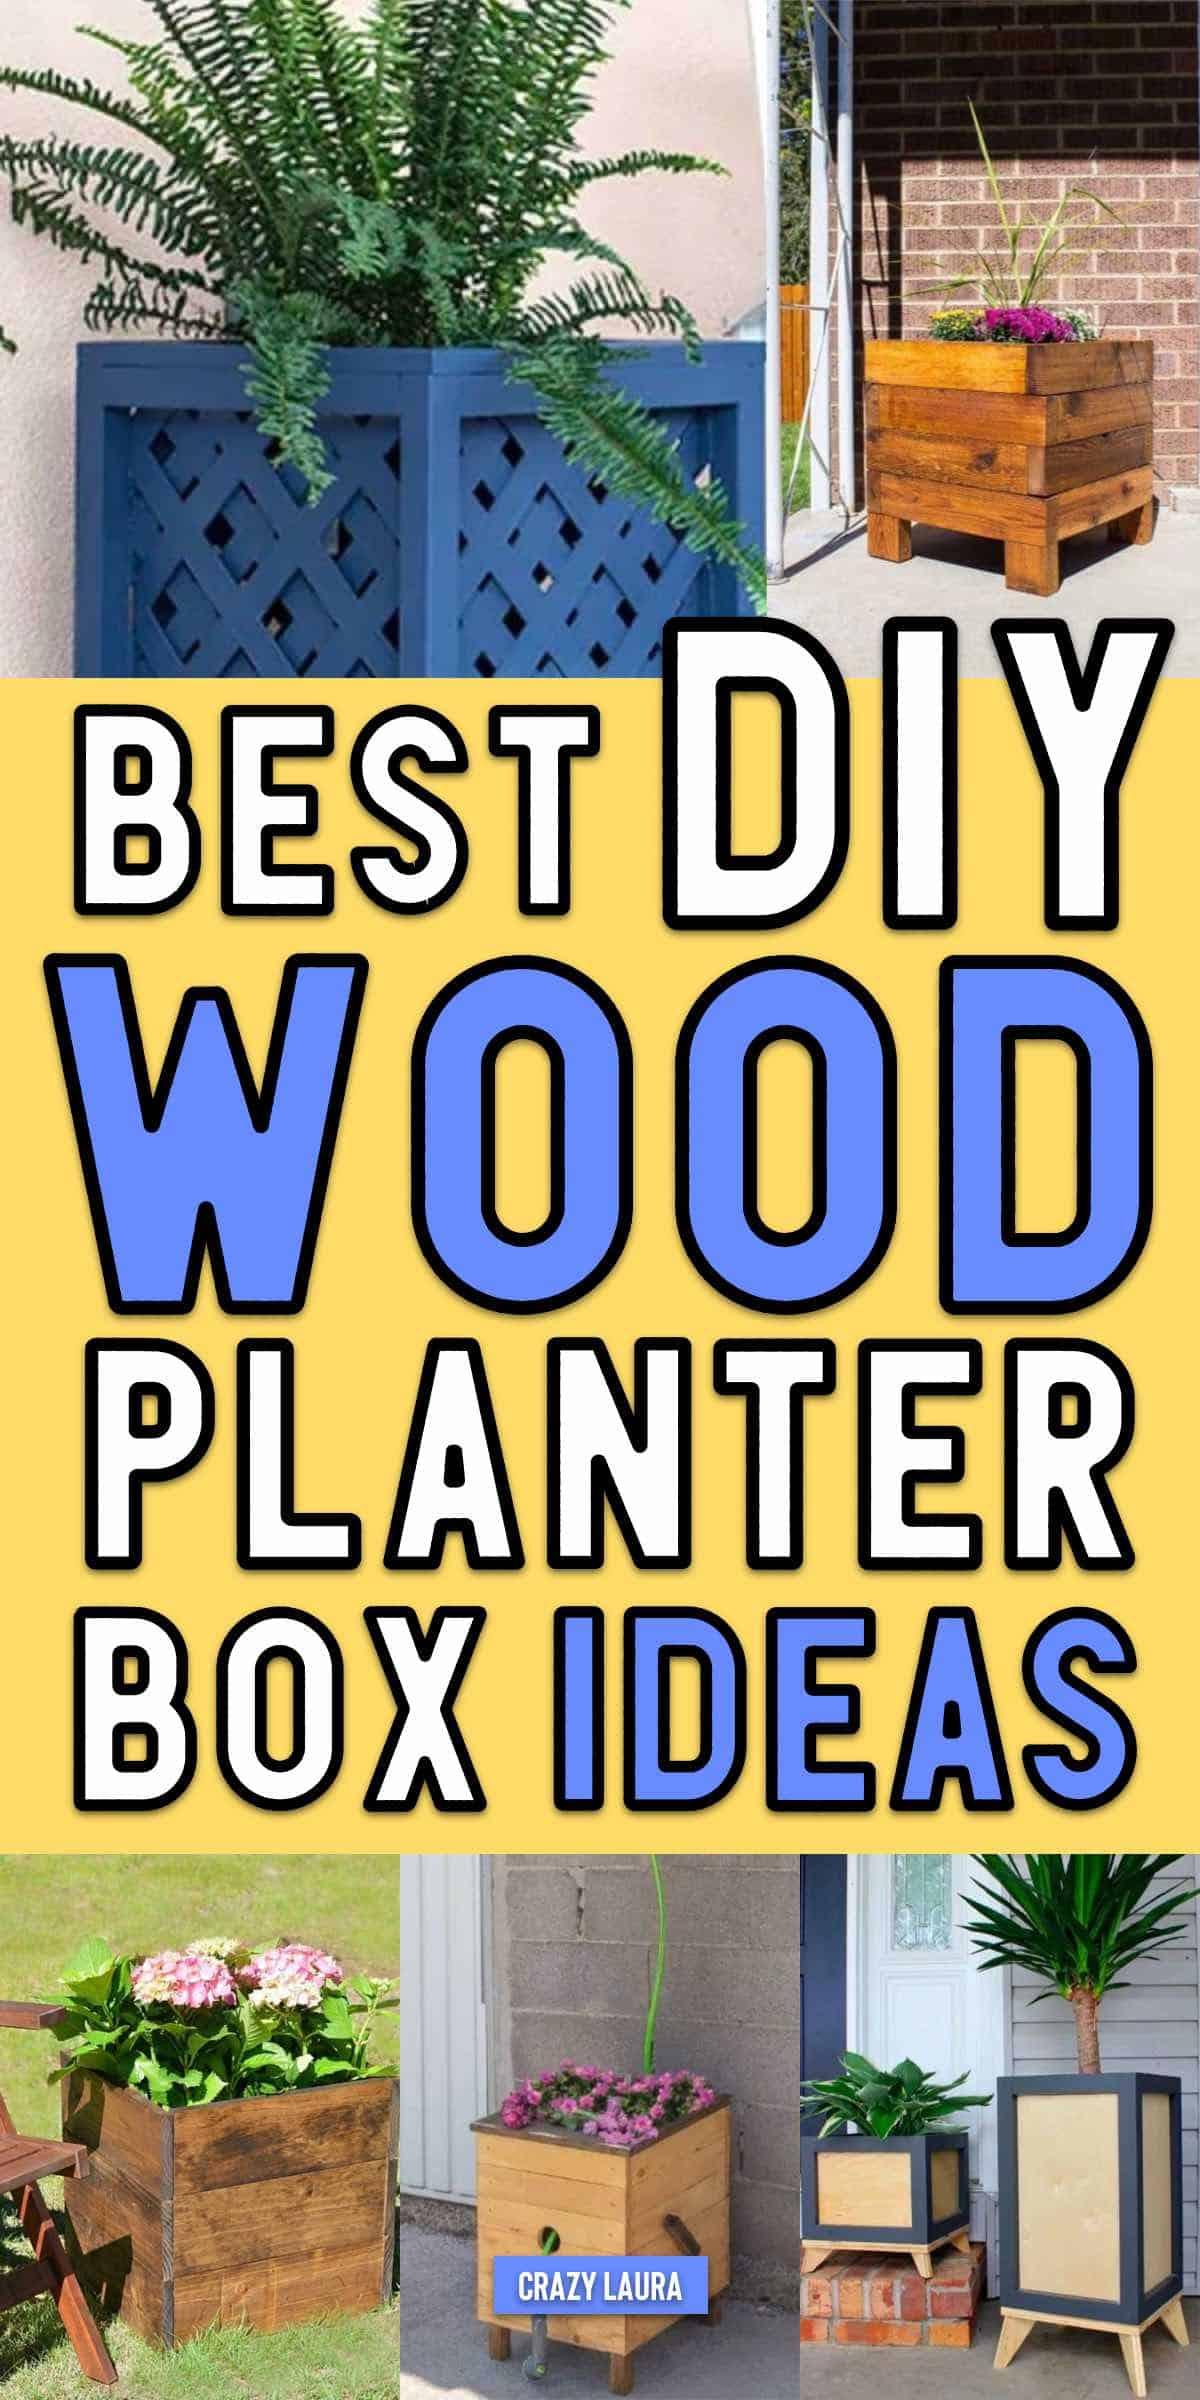 cute planter box ideas